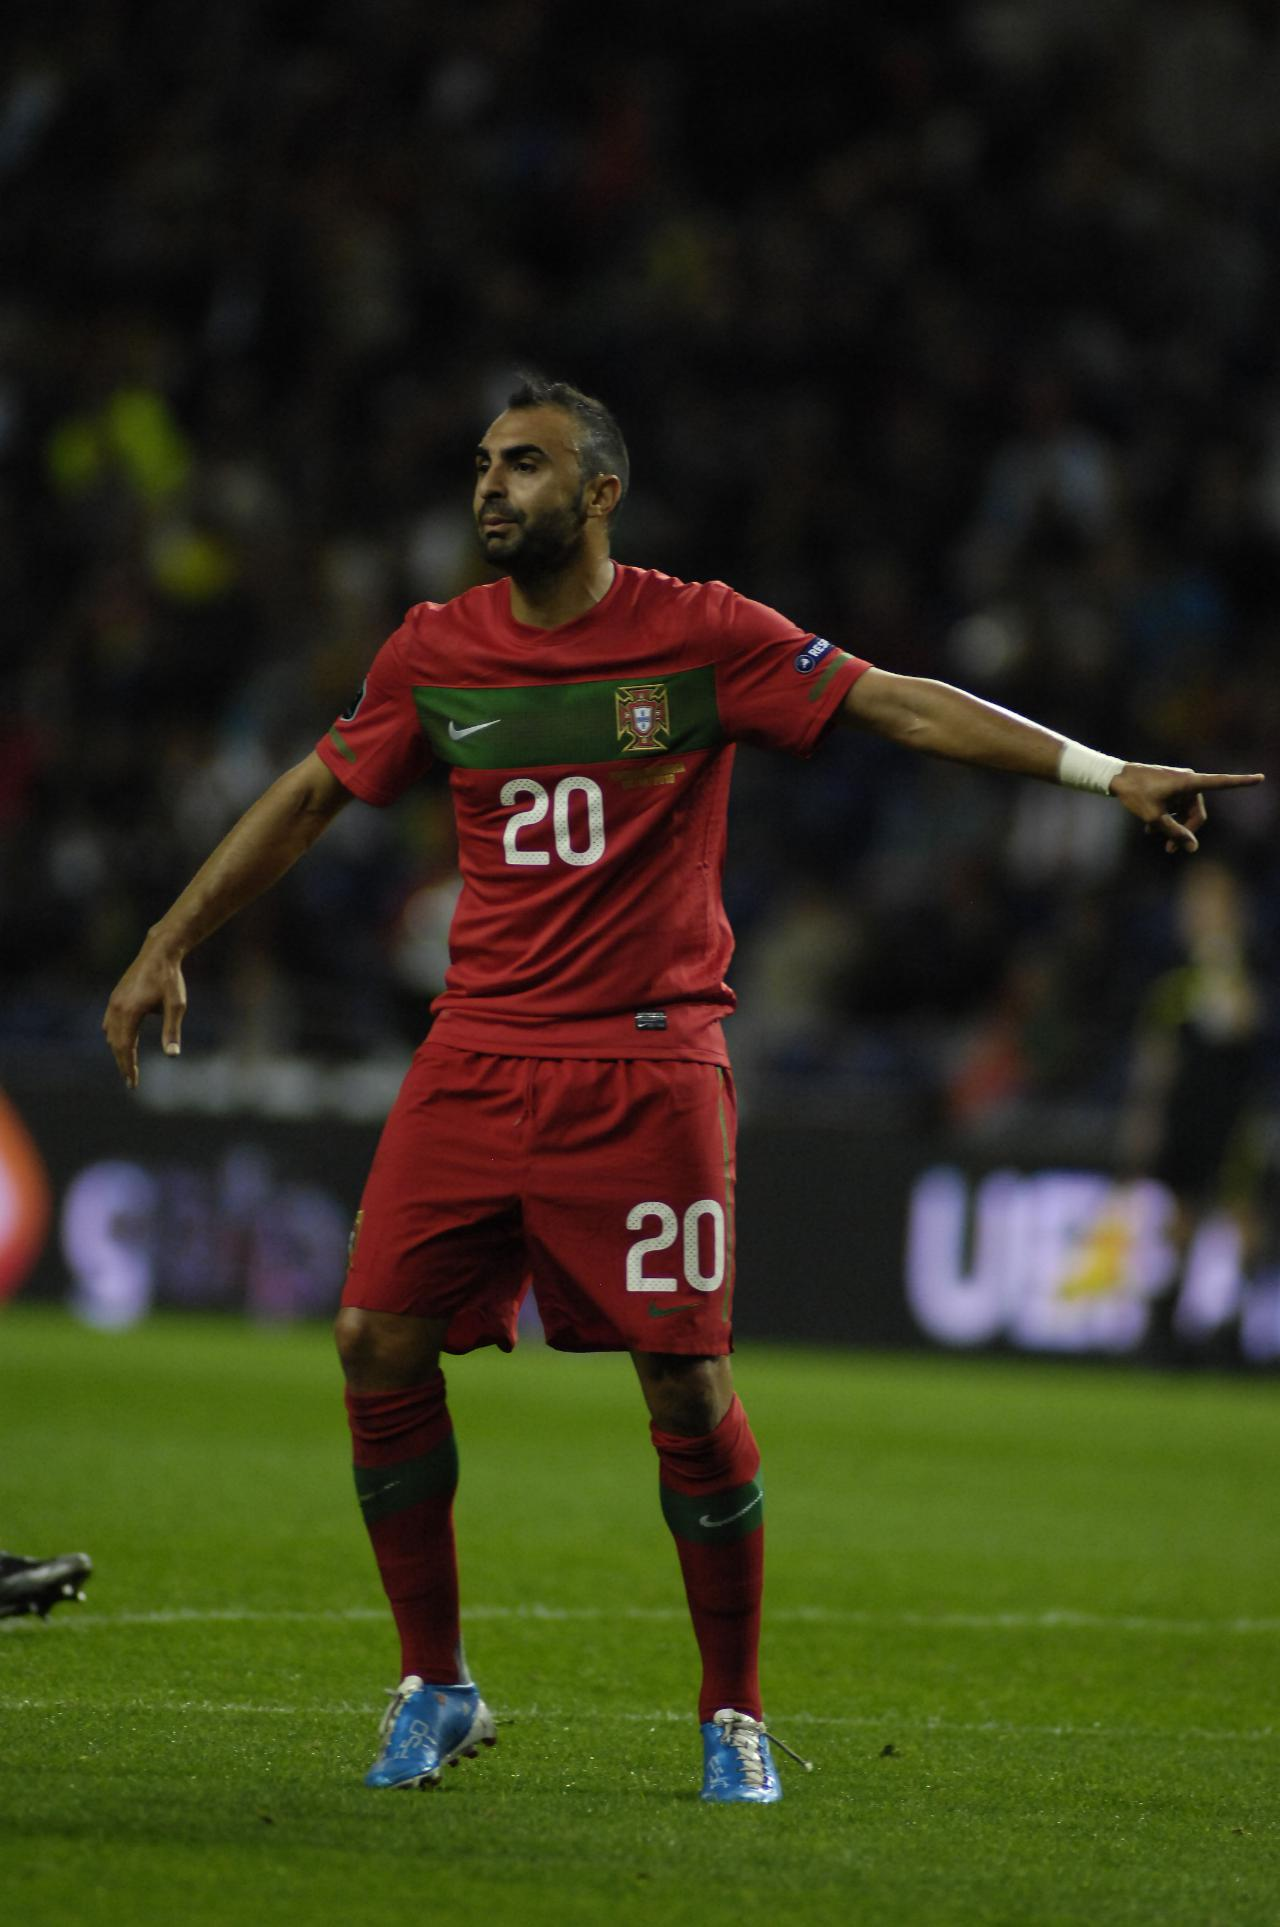 Simão Sabrosa e mais 11 jogadores portugueses que acabaram a carreira sem que ninguém desse por isso